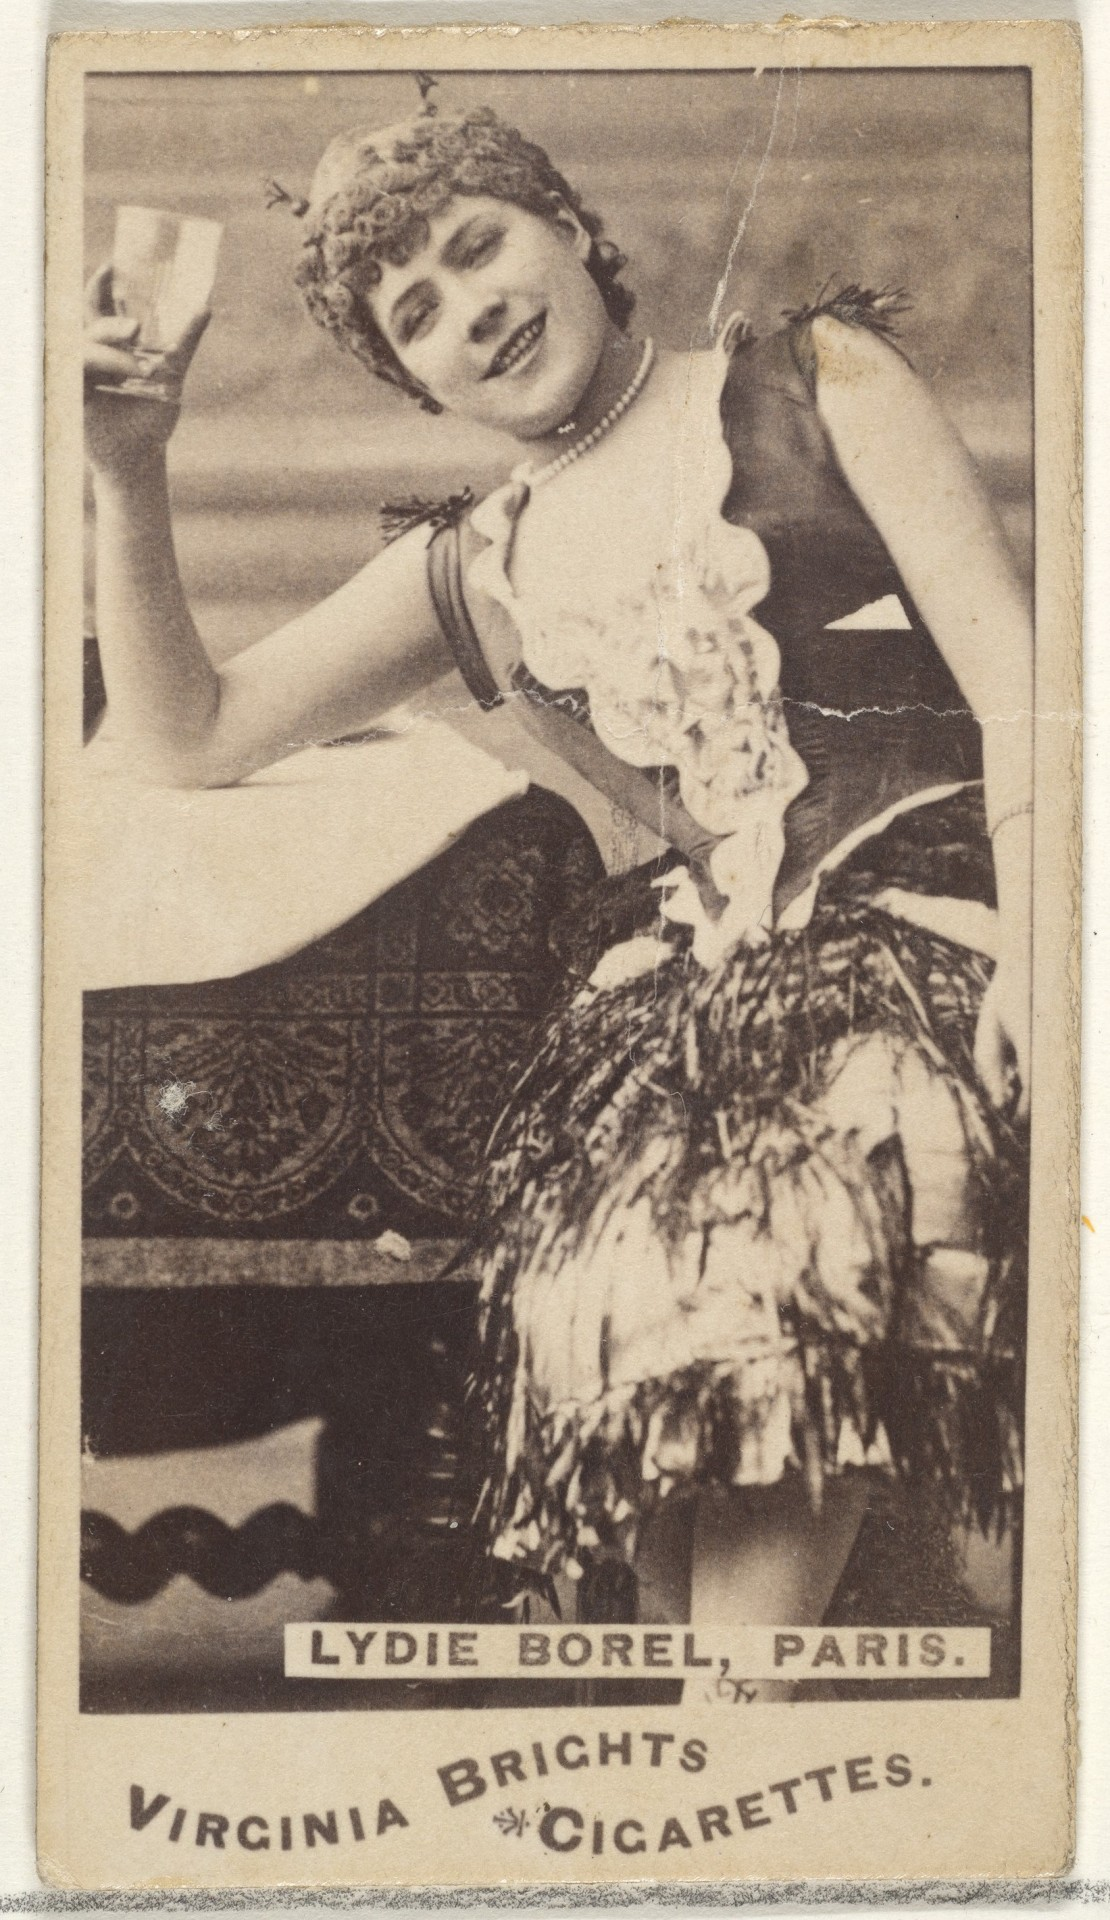 Лиди Борель, Париж, из серии торговых карточек «Актёры и актрисы» для сигарет Virginia Brights, 1888. Автор «Аллен и Гинтер»